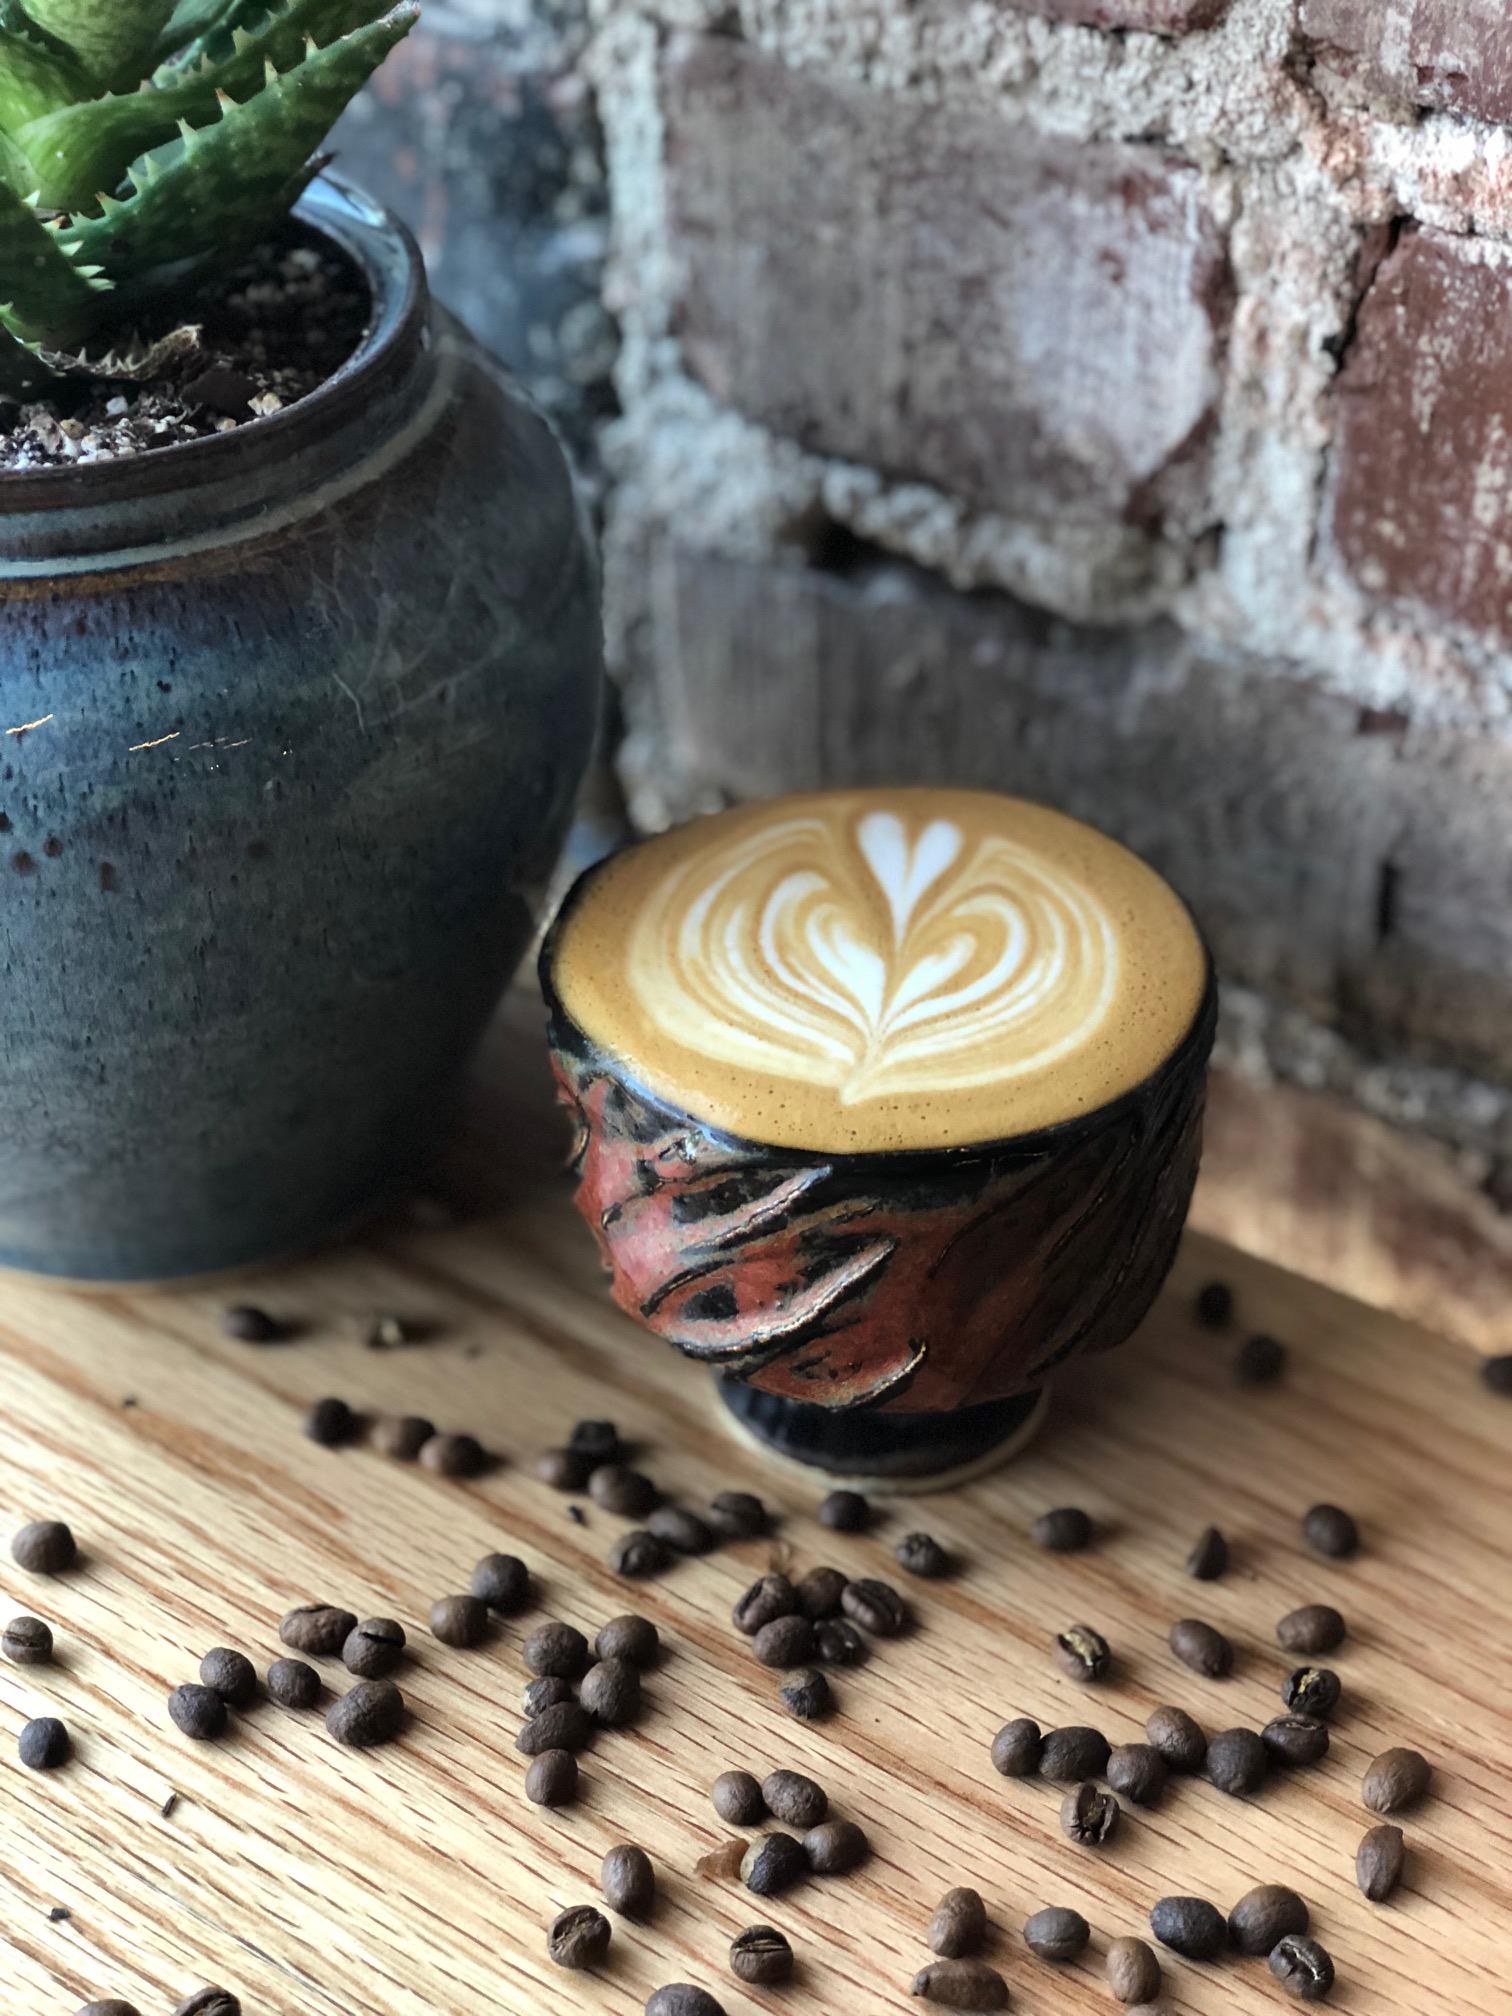 Cappuccino: $3.75